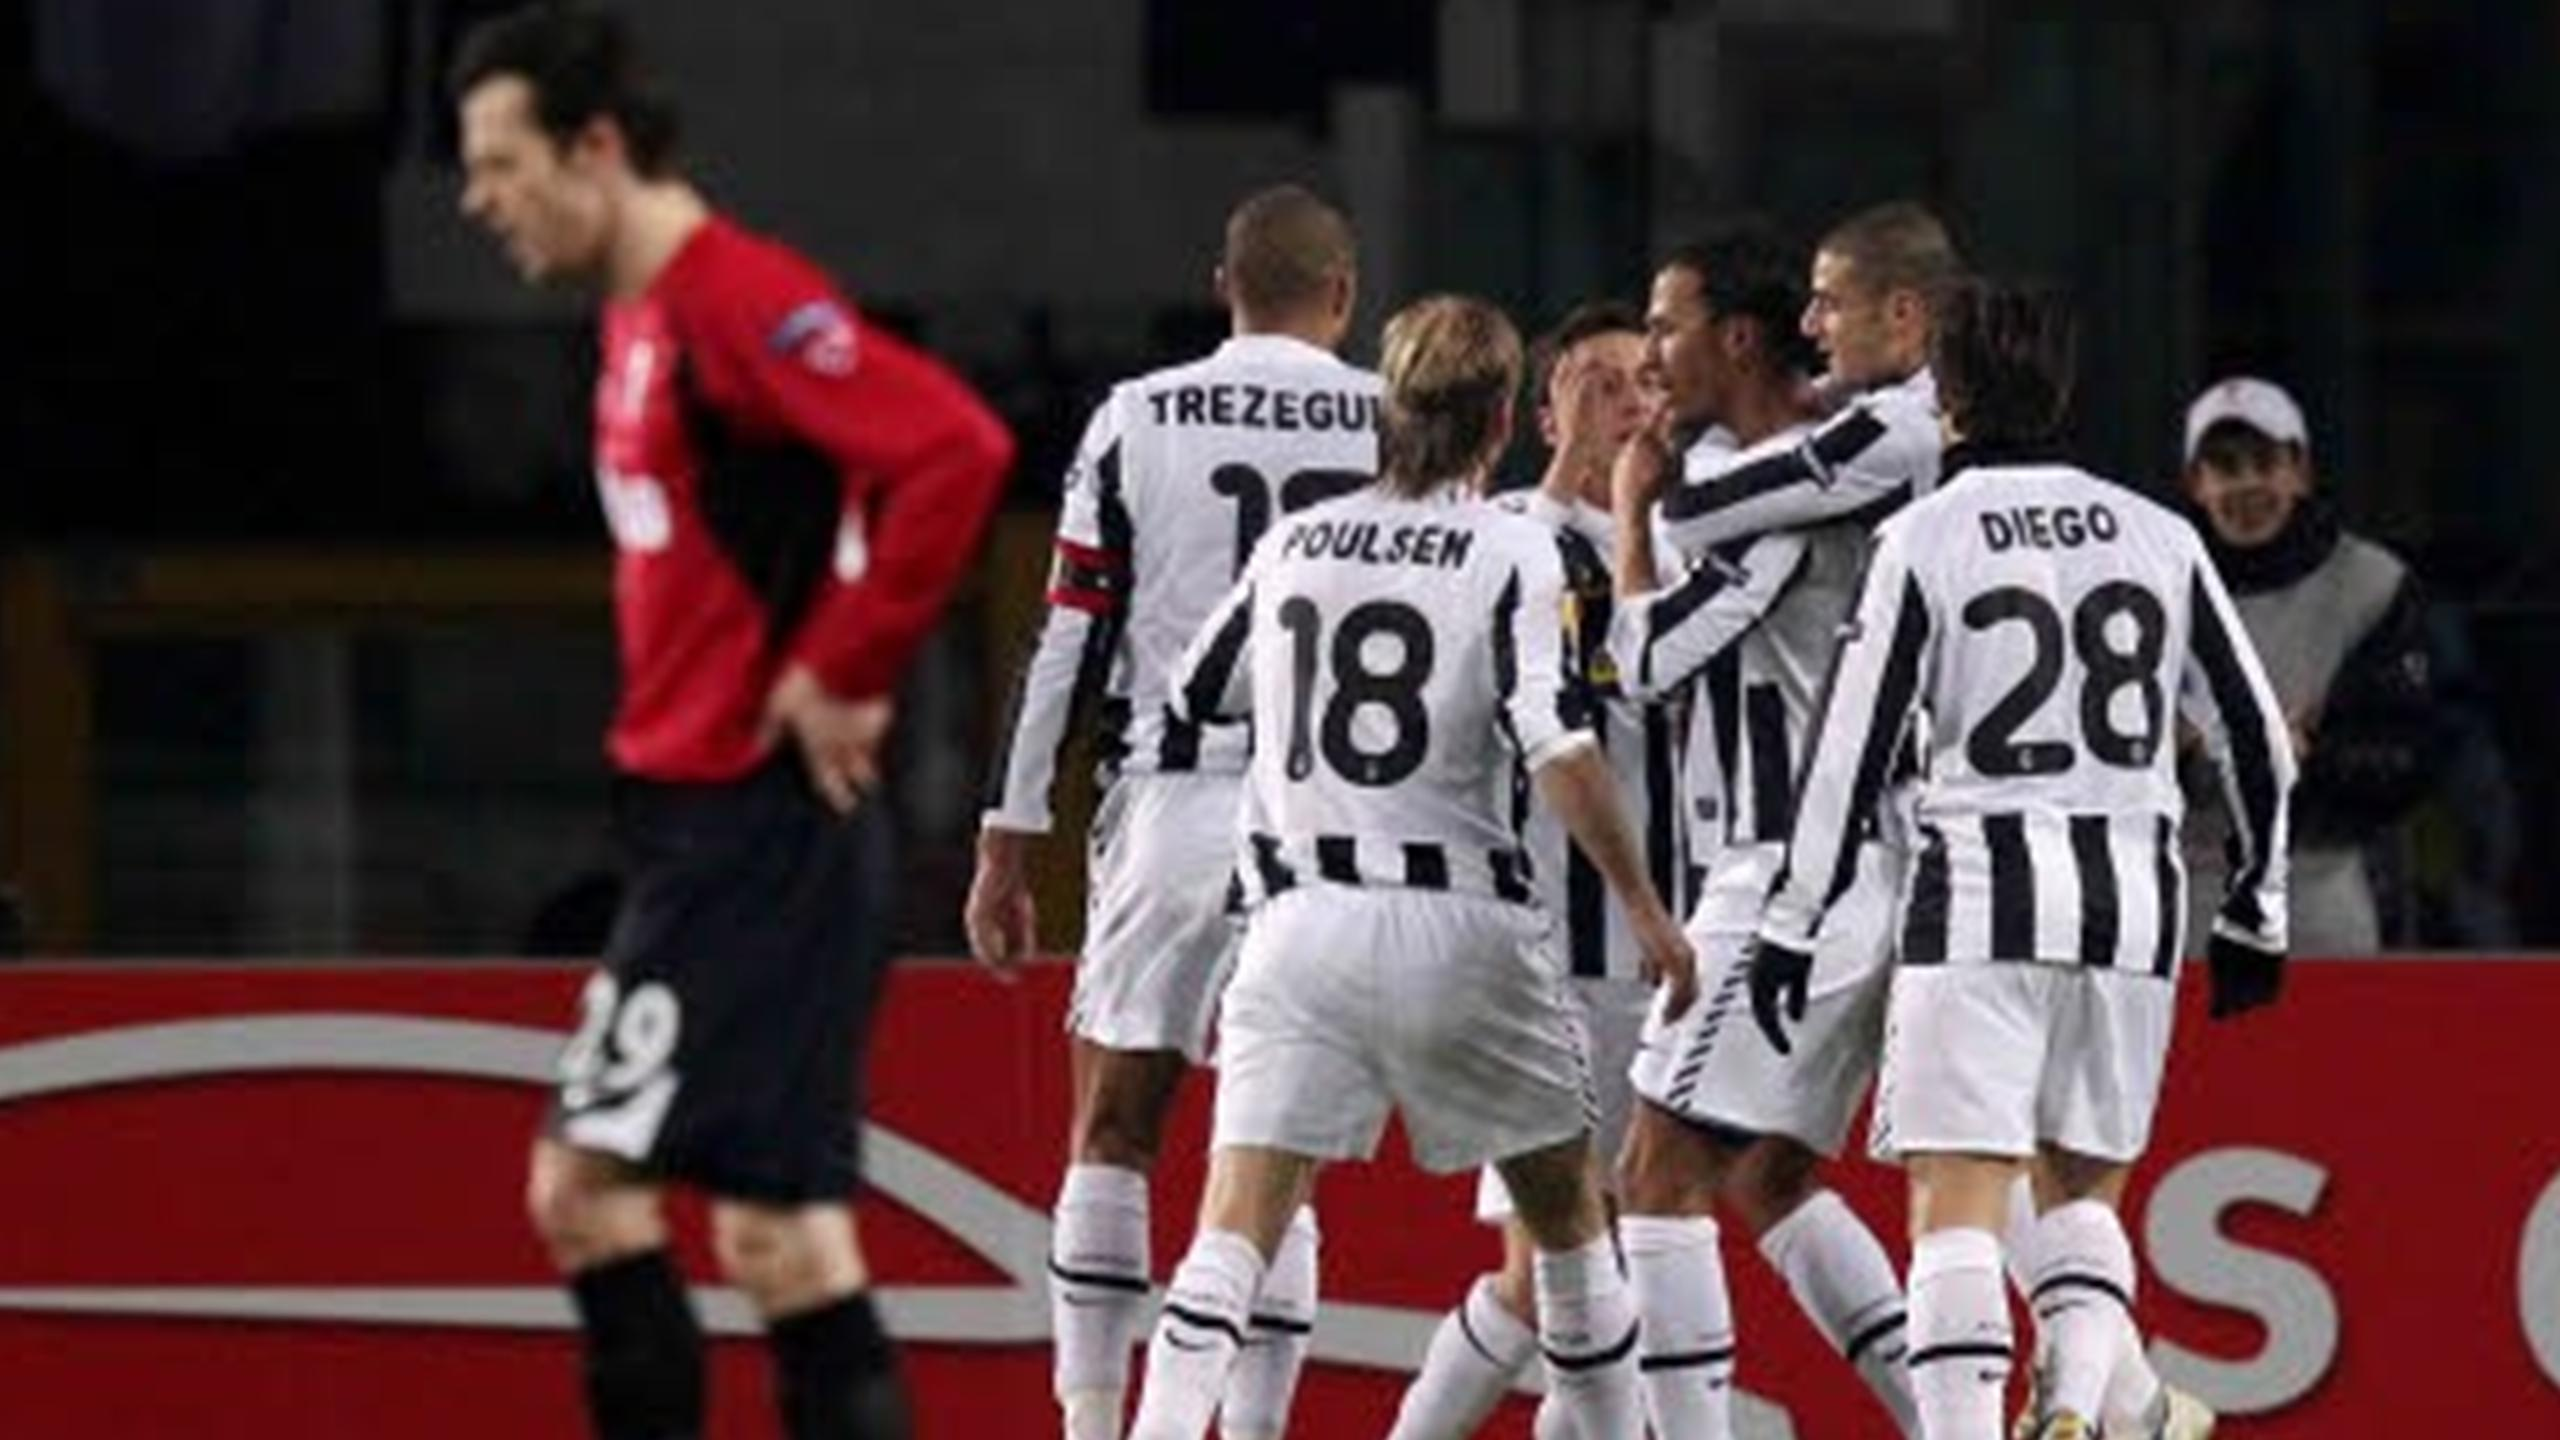 Ювентус лига европы 2010